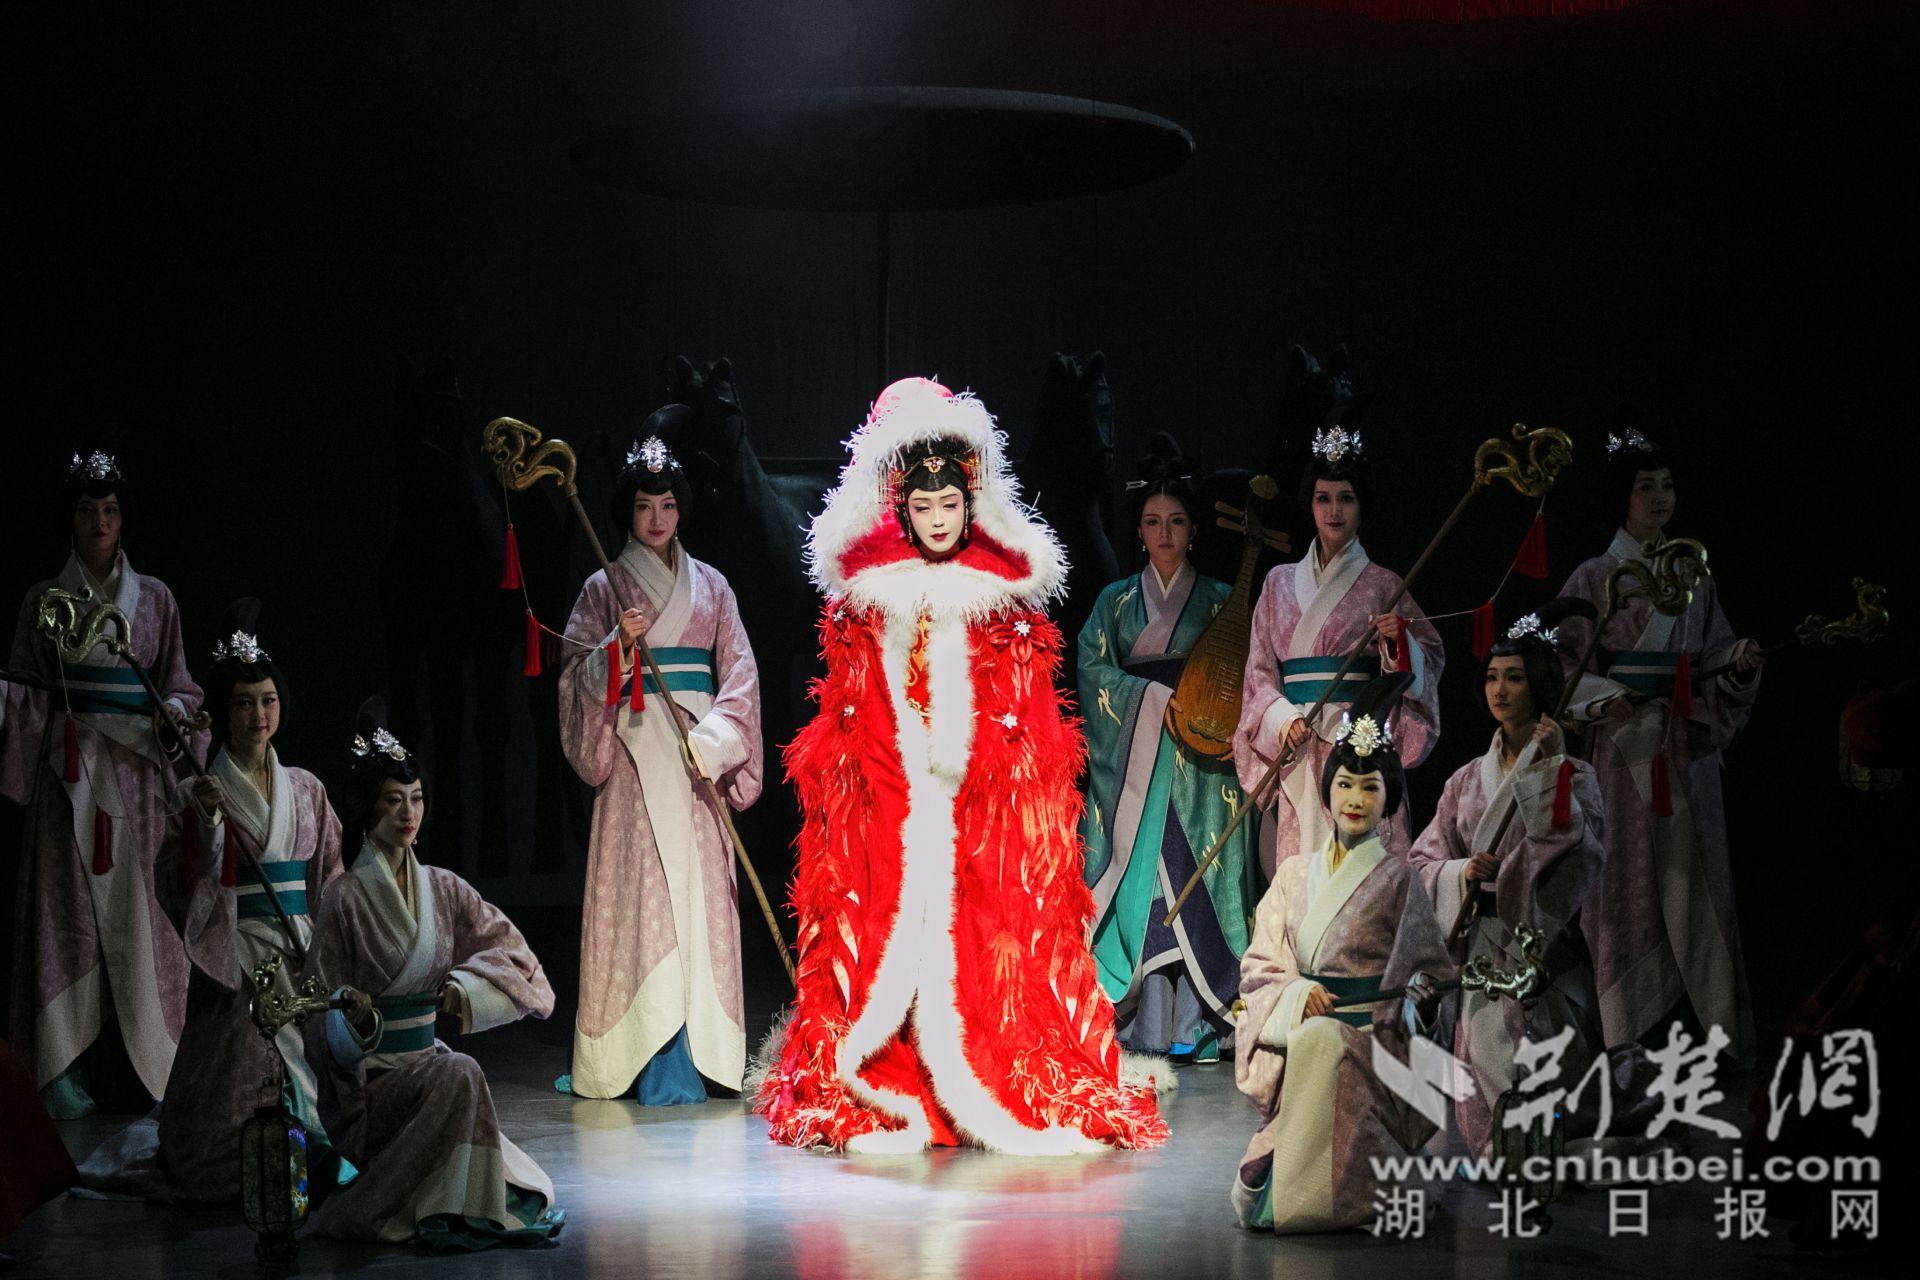 李玉刚诗意歌舞剧《昭君出塞》宜昌上演